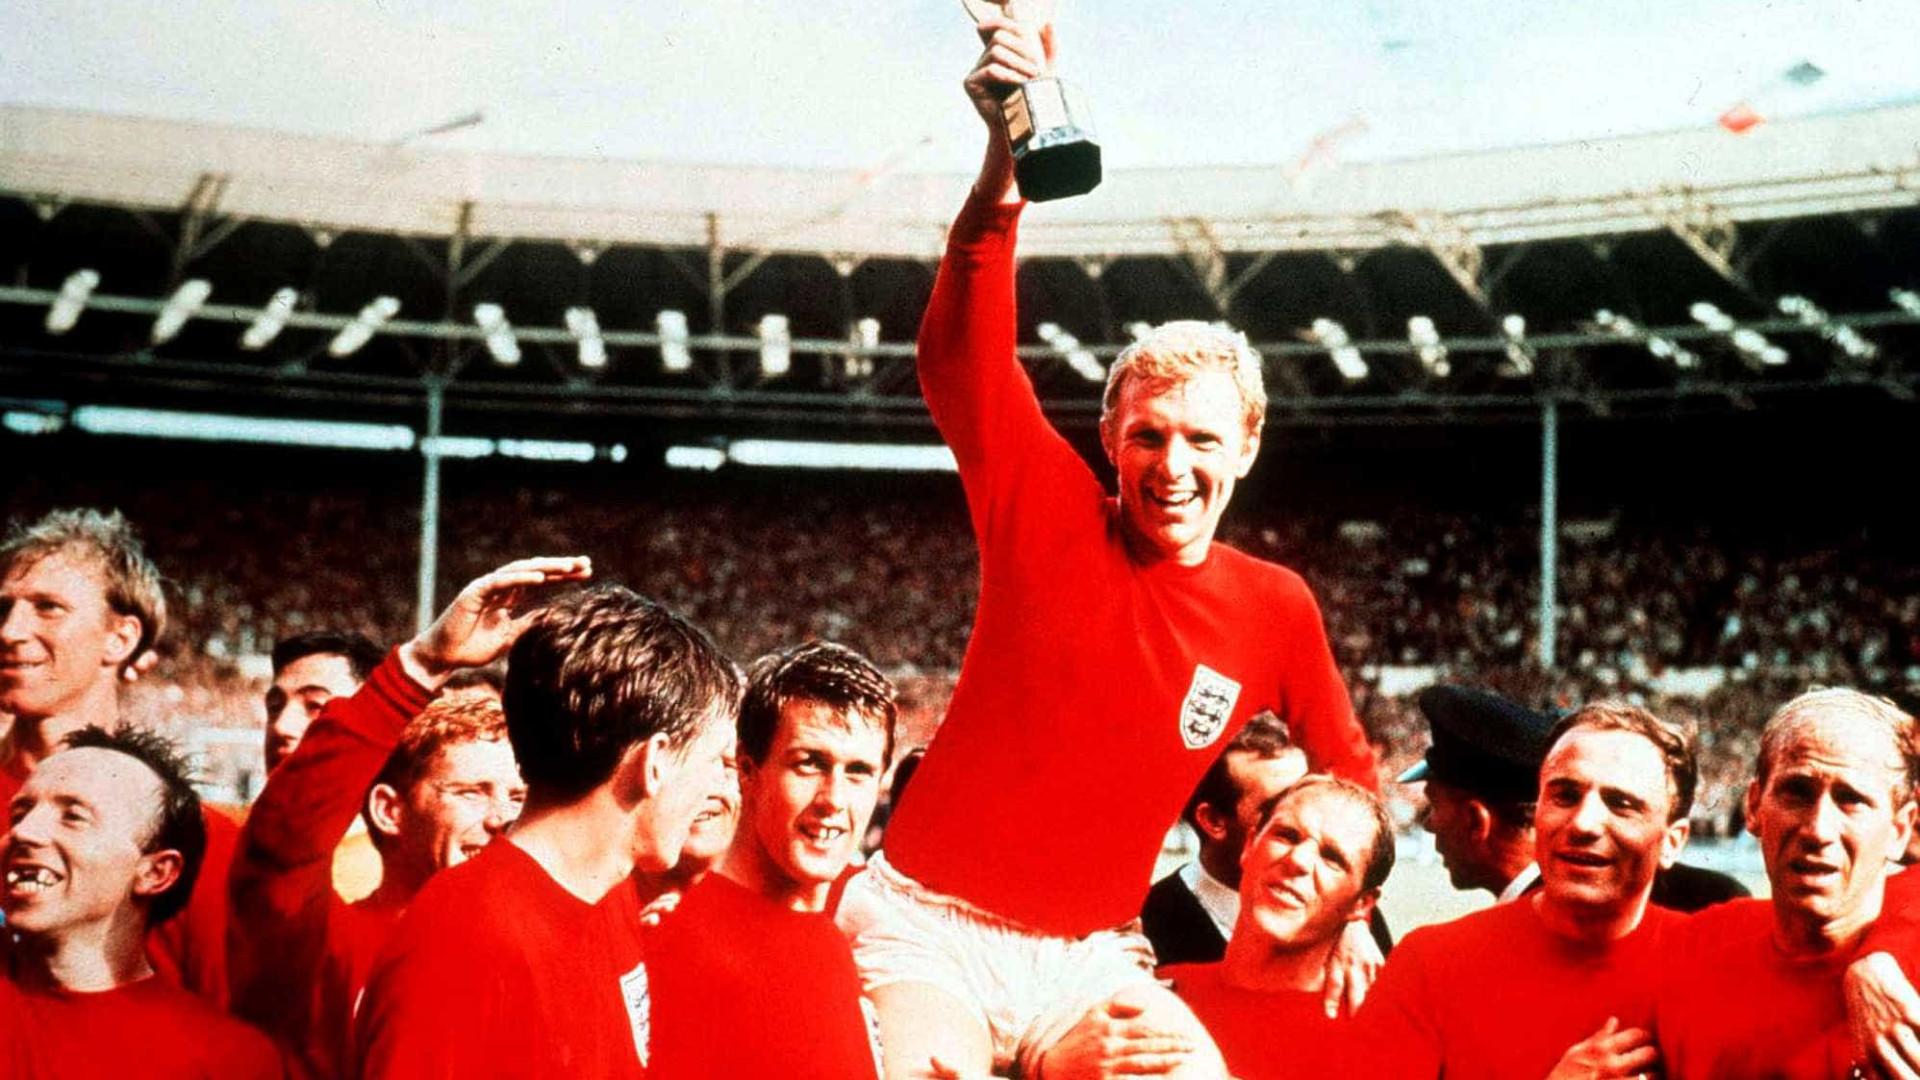 Há 52 anos, Inglaterra vive de sonhos improváveis e decepções